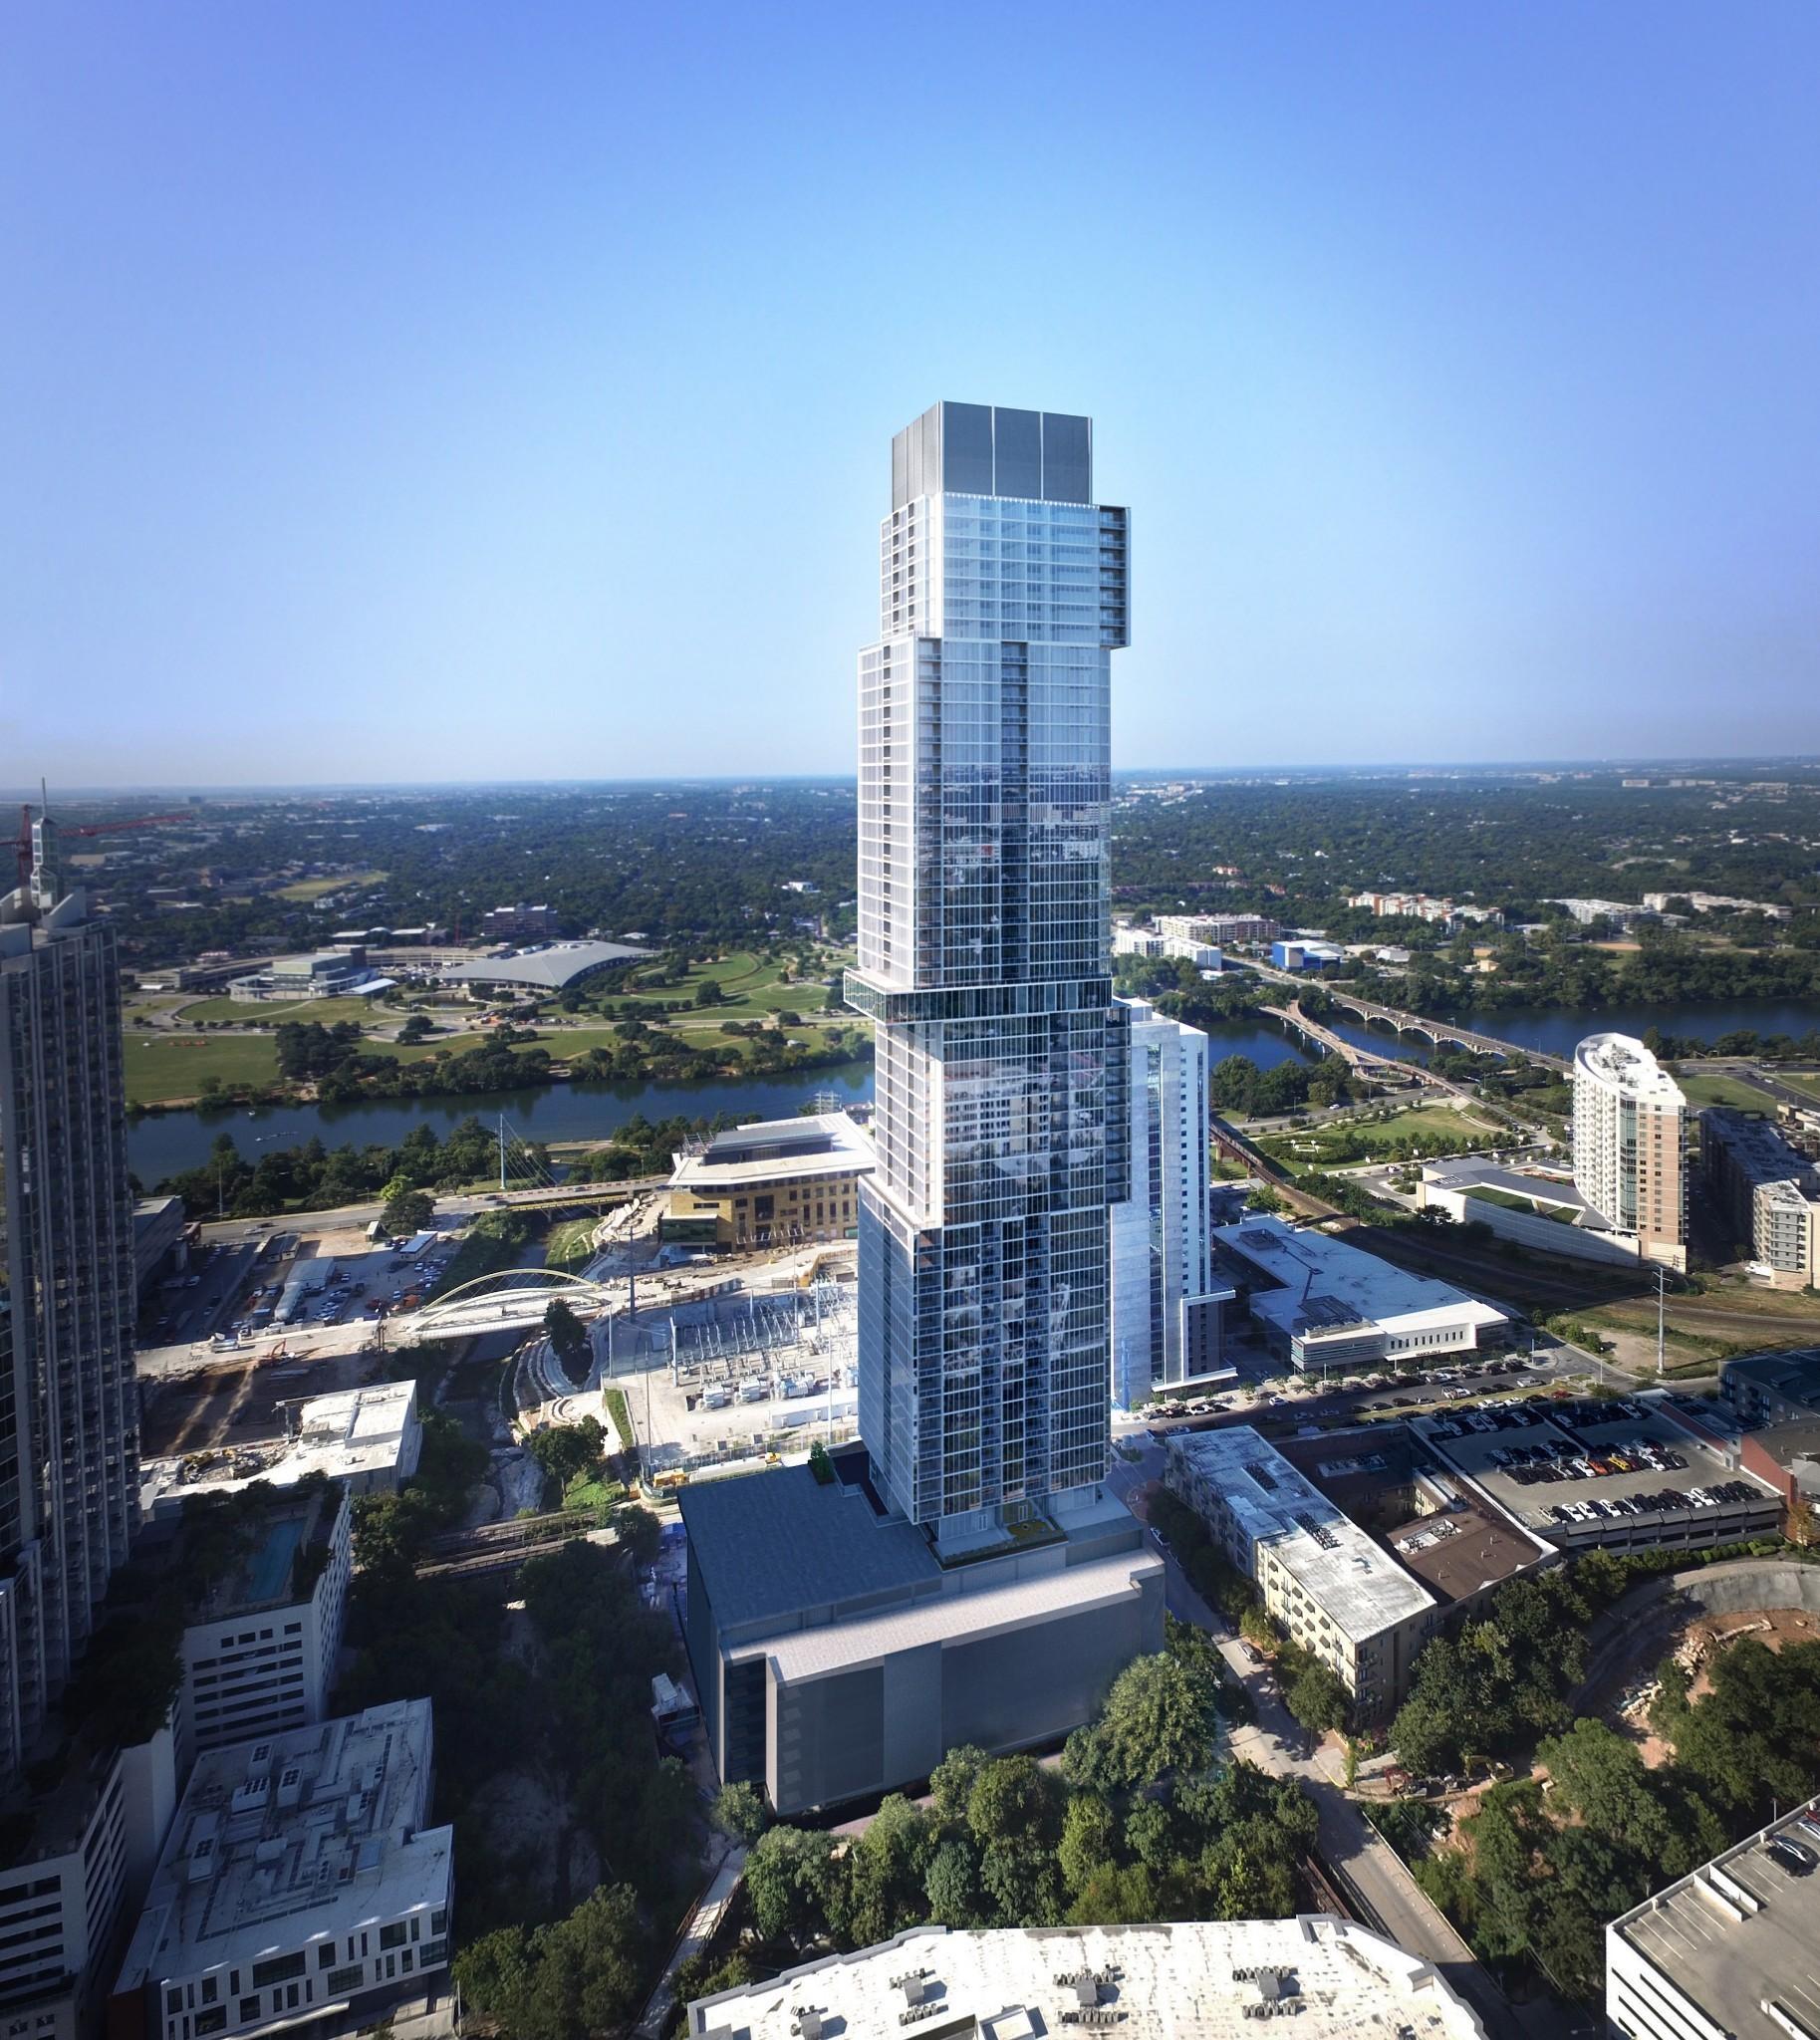 10 developments set to reshape U.S. cities in 2018